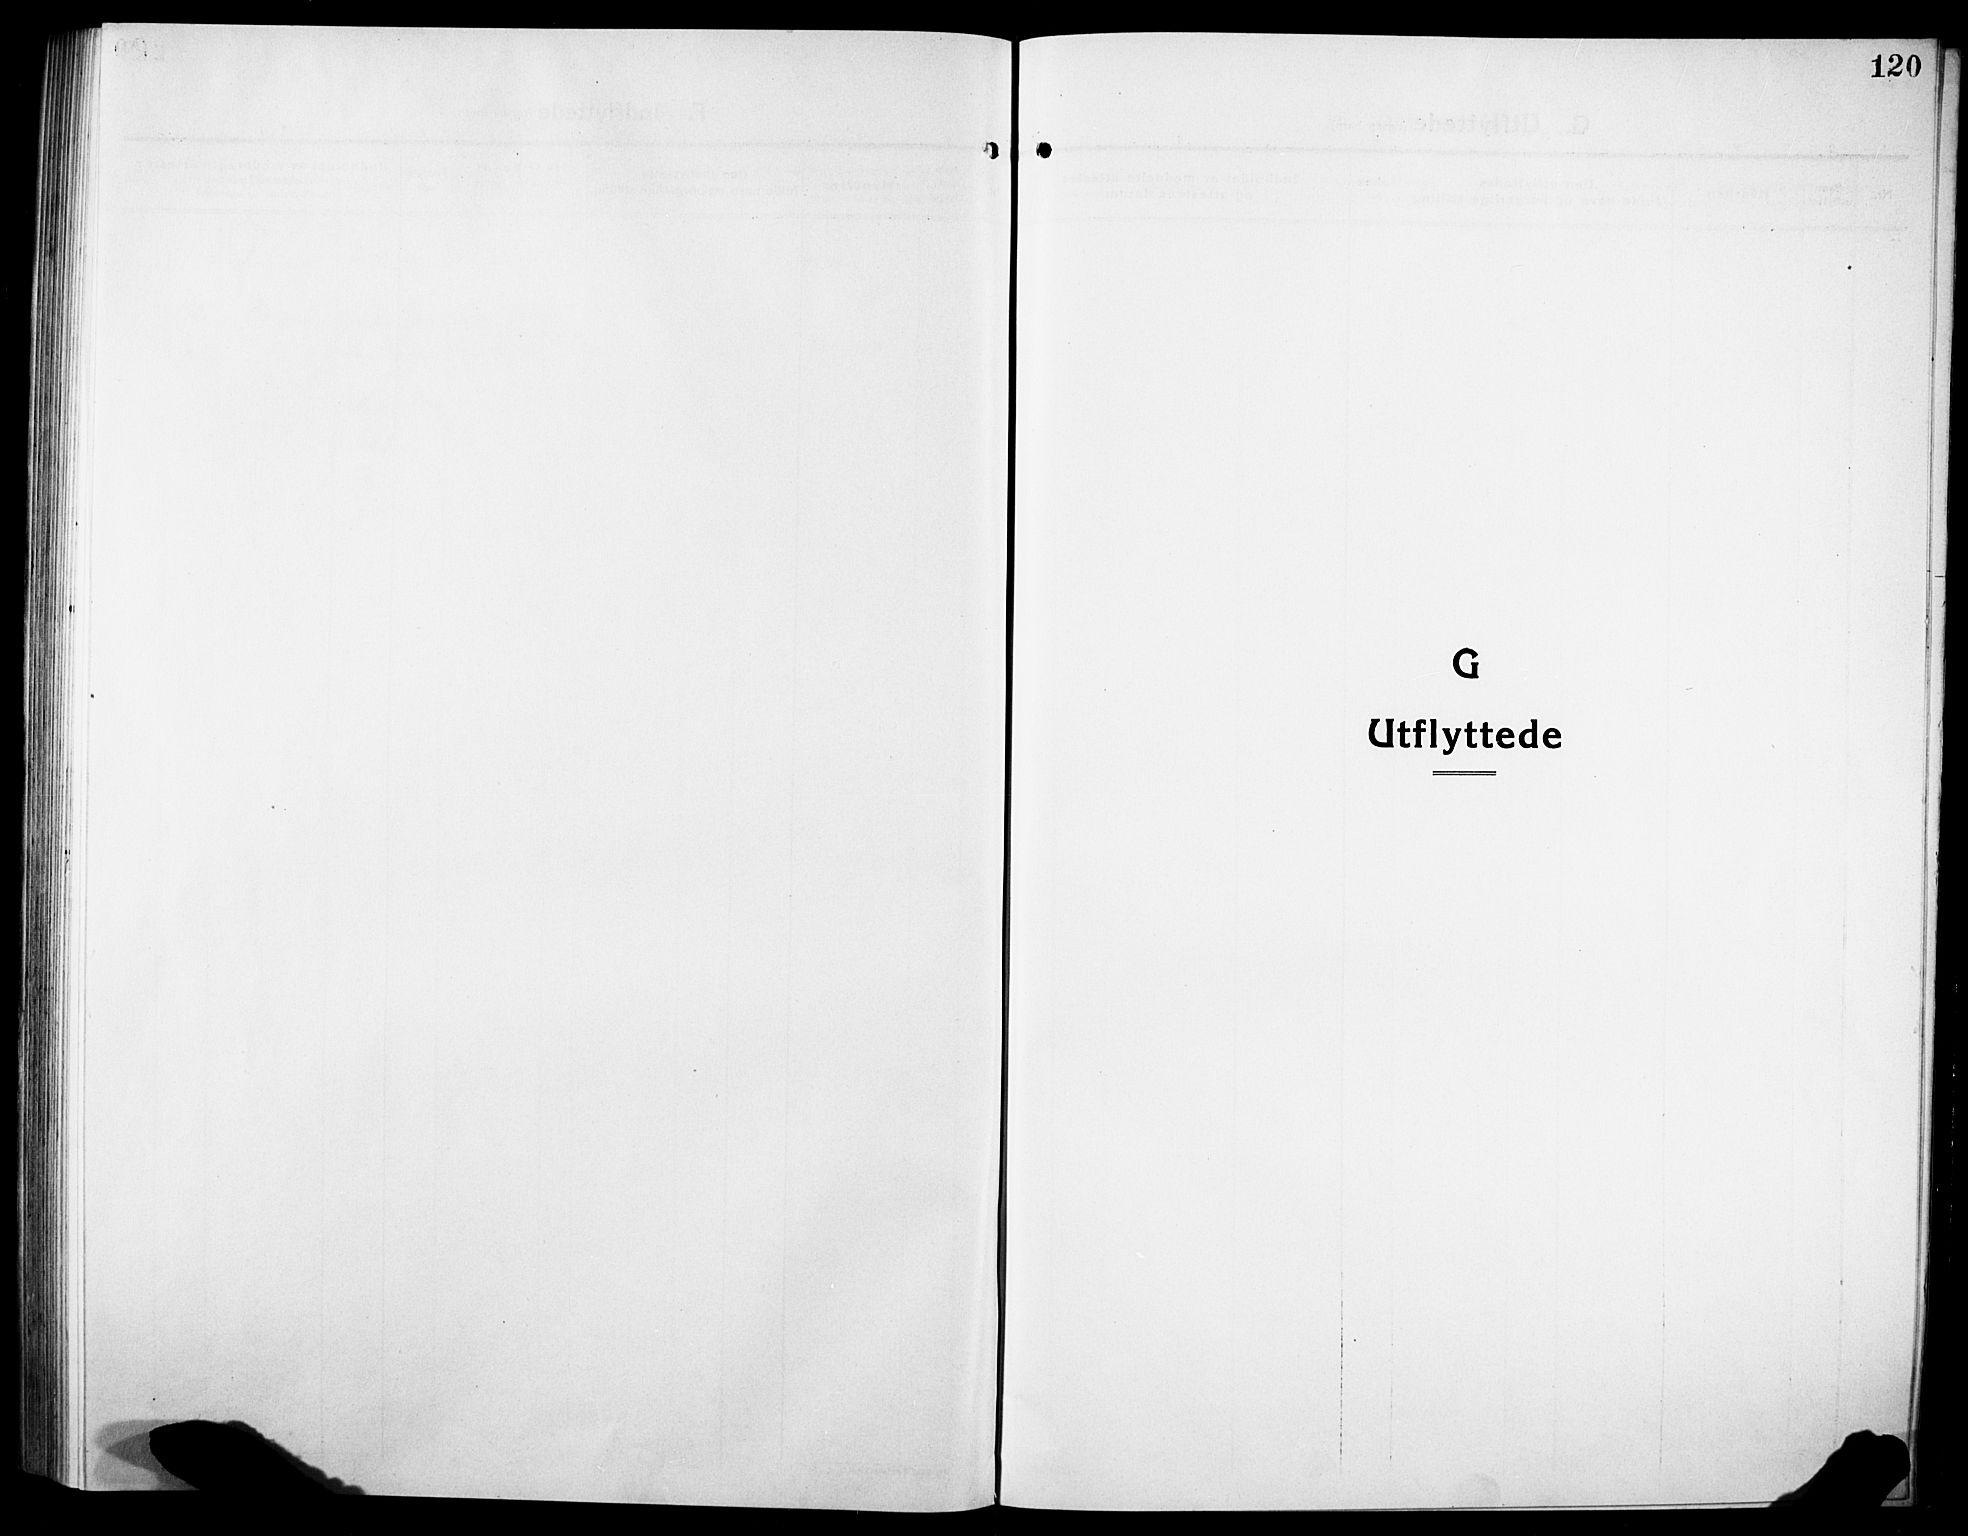 SAT, Ministerialprotokoller, klokkerbøker og fødselsregistre - Sør-Trøndelag, 634/L0543: Klokkerbok nr. 634C05, 1917-1928, s. 120